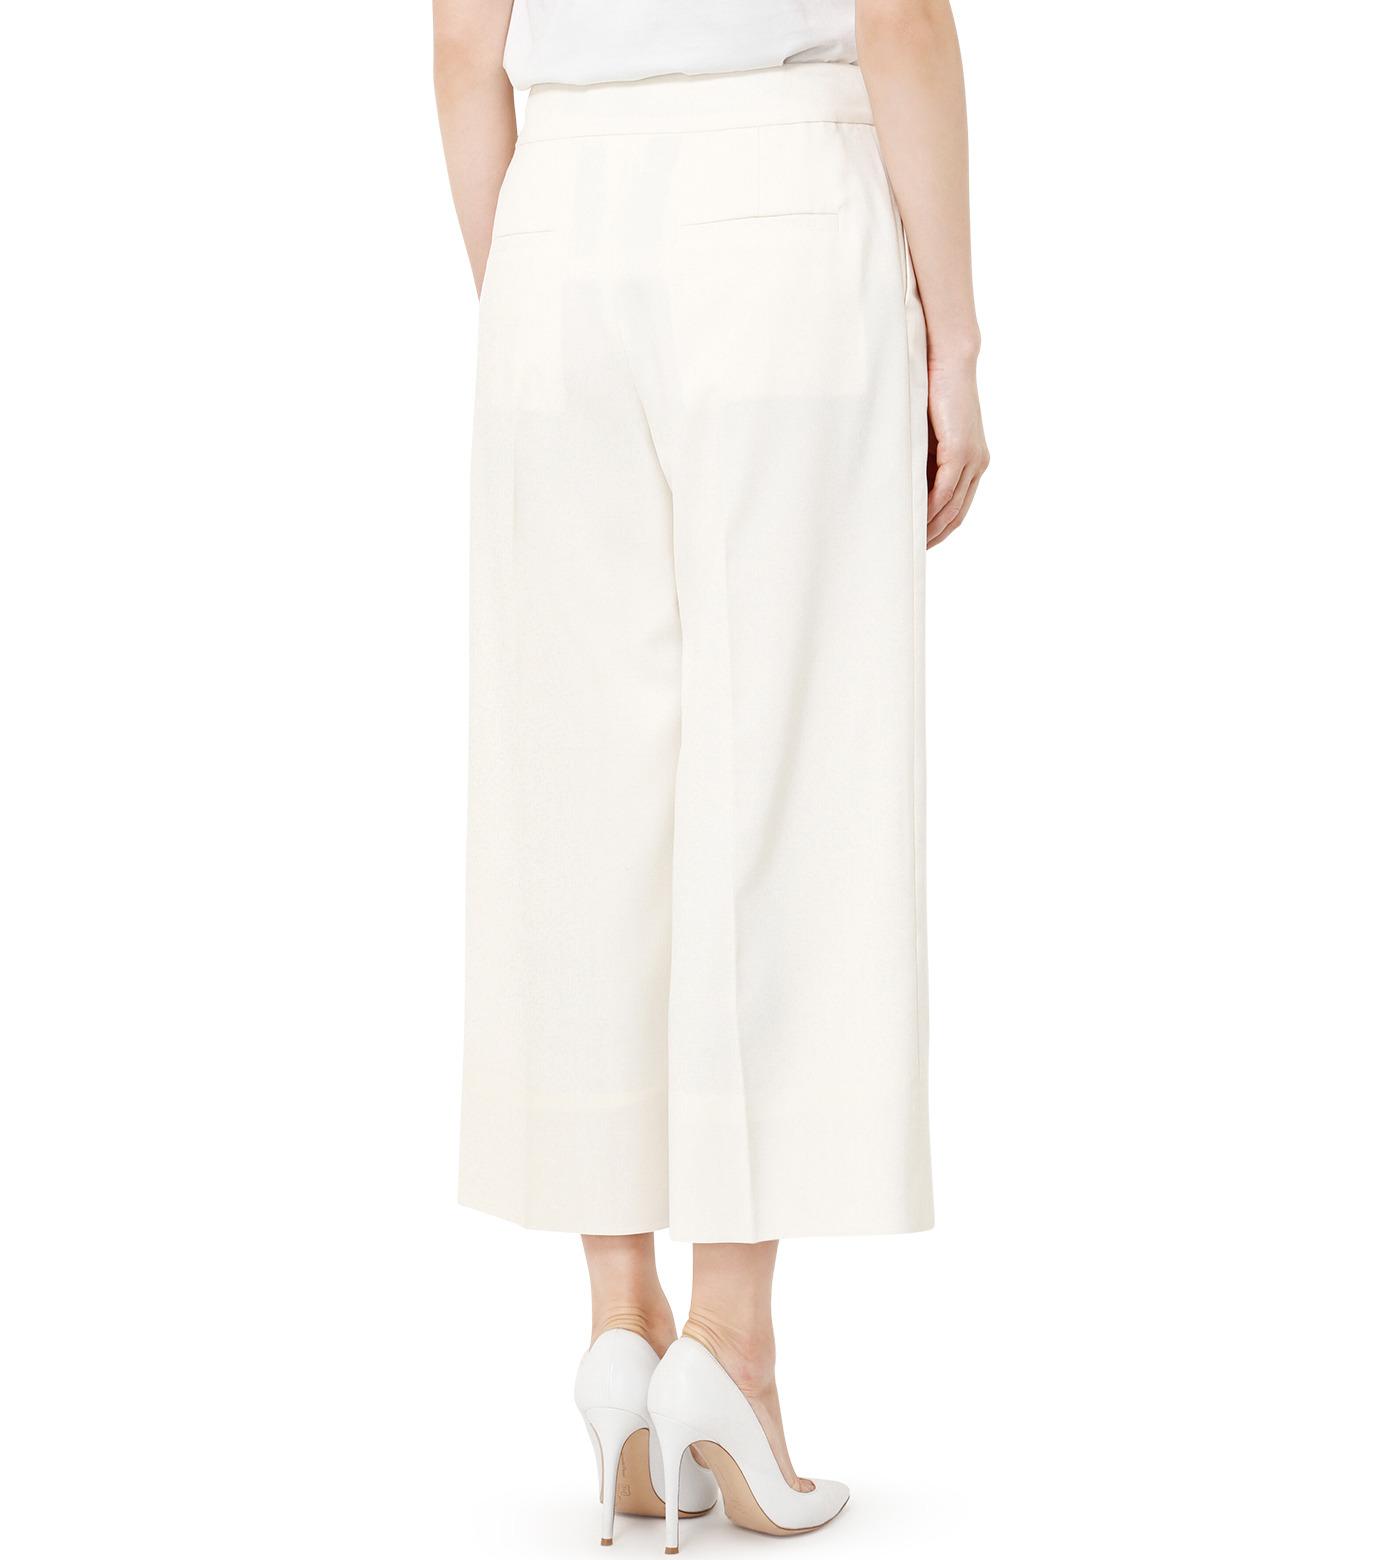 LE CIEL BLEU(ルシェルブルー)のサマーウールストレートパンツ-WHITE(パンツ/pants)-19S68105 拡大詳細画像4